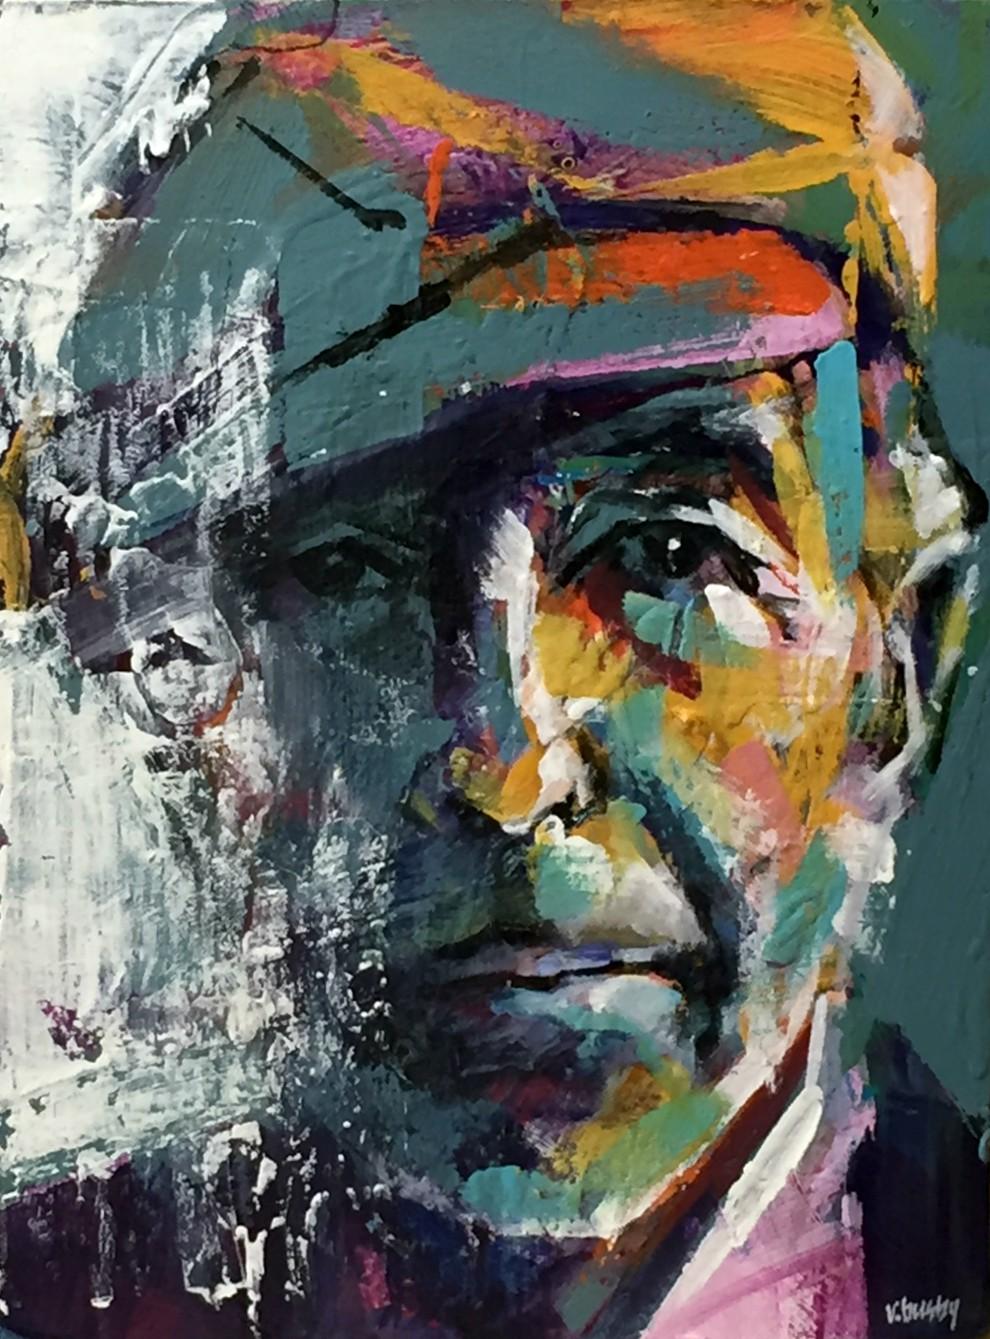 Busby.Leonard Cohen 0249